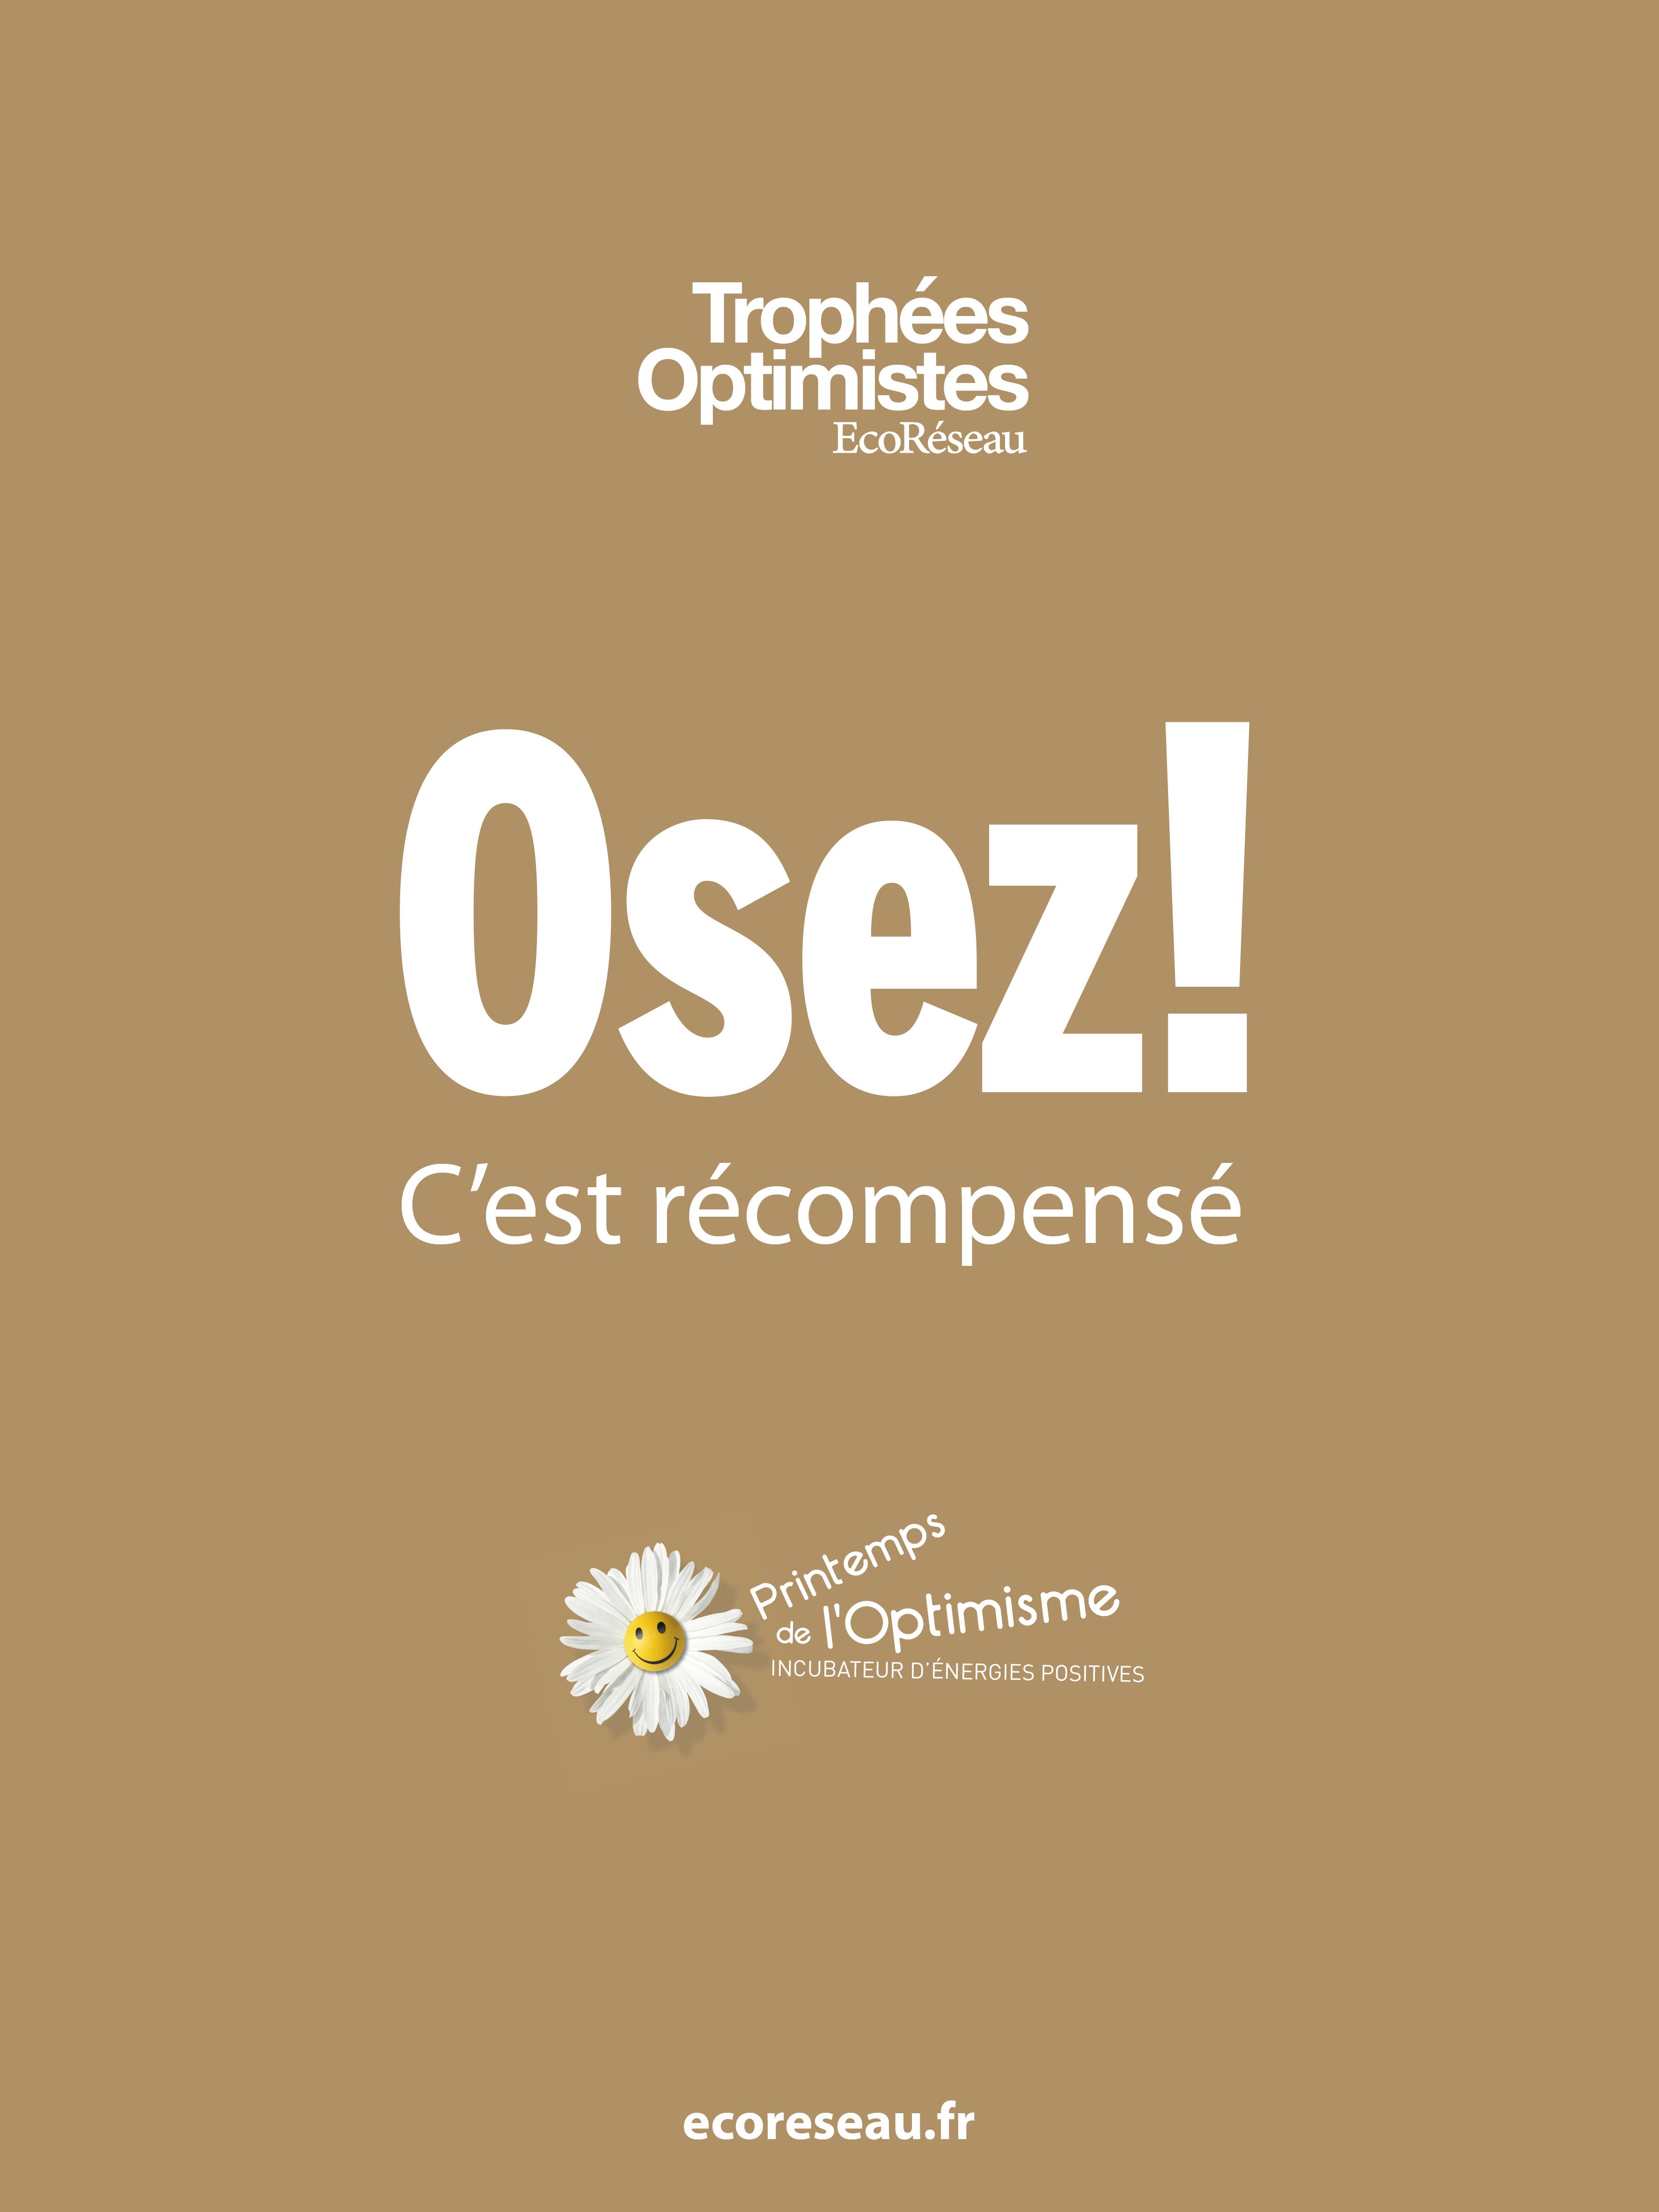 Trophées Optimistes EcoRéseau